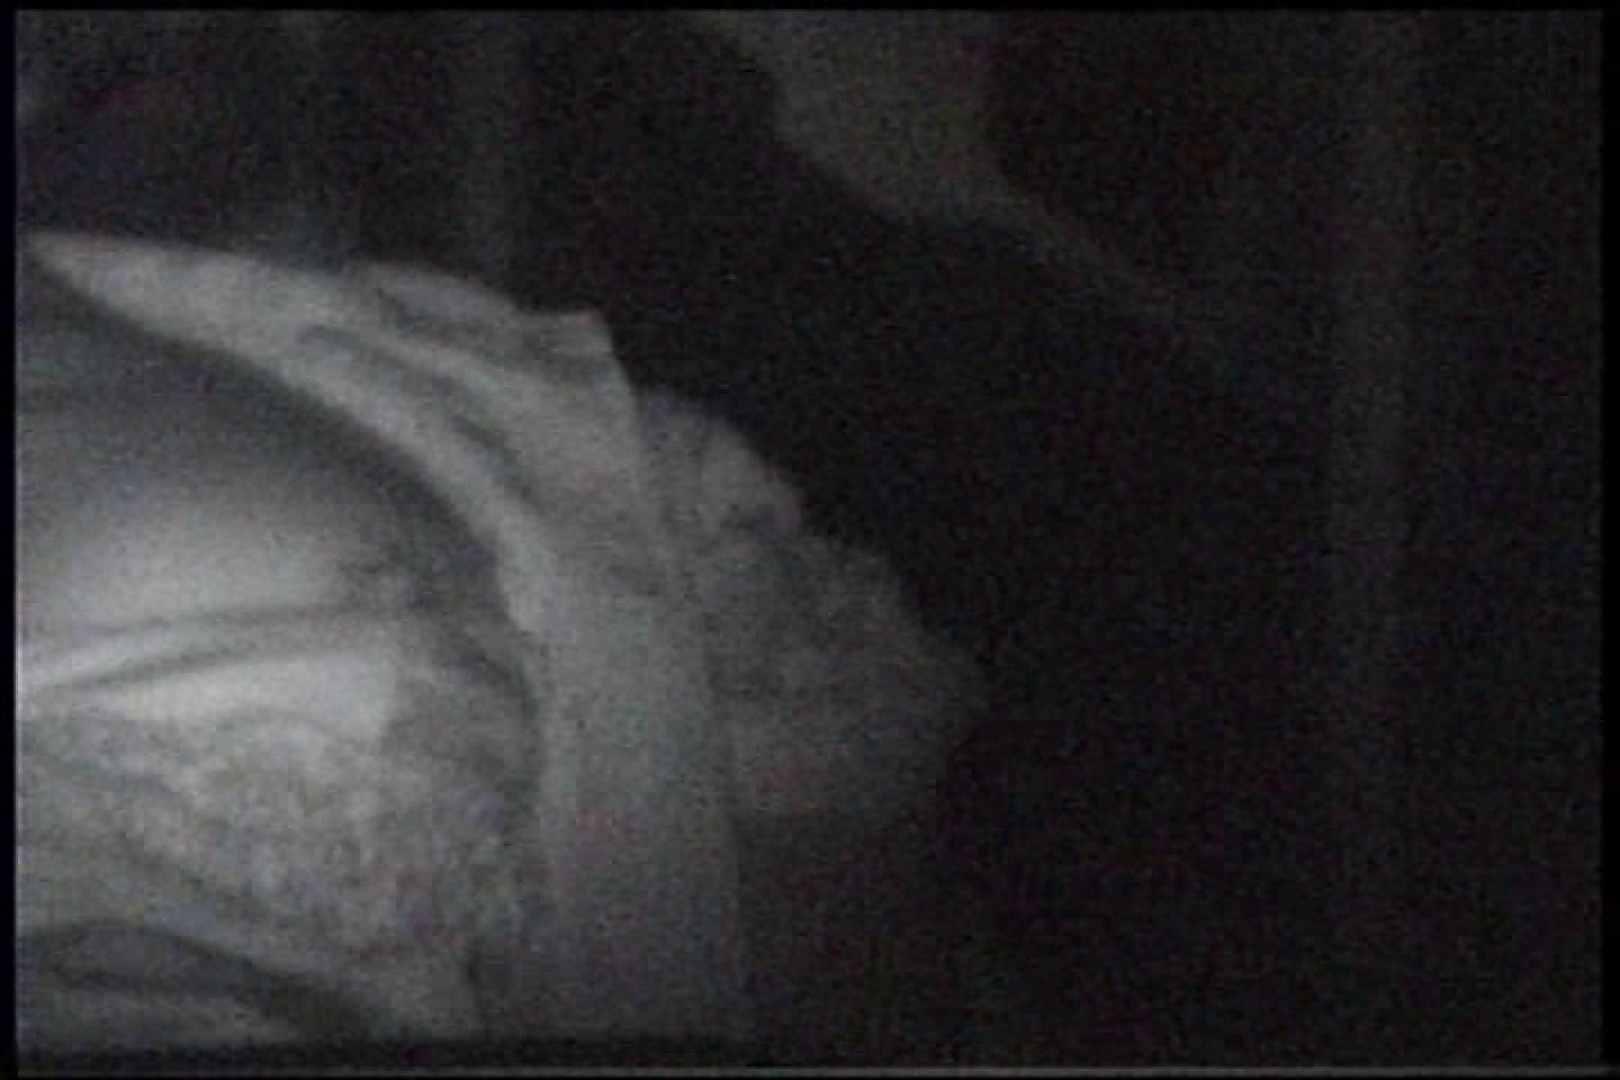 充血監督の深夜の運動会Vol.238 プライベート | エロティックなOL  92画像 49